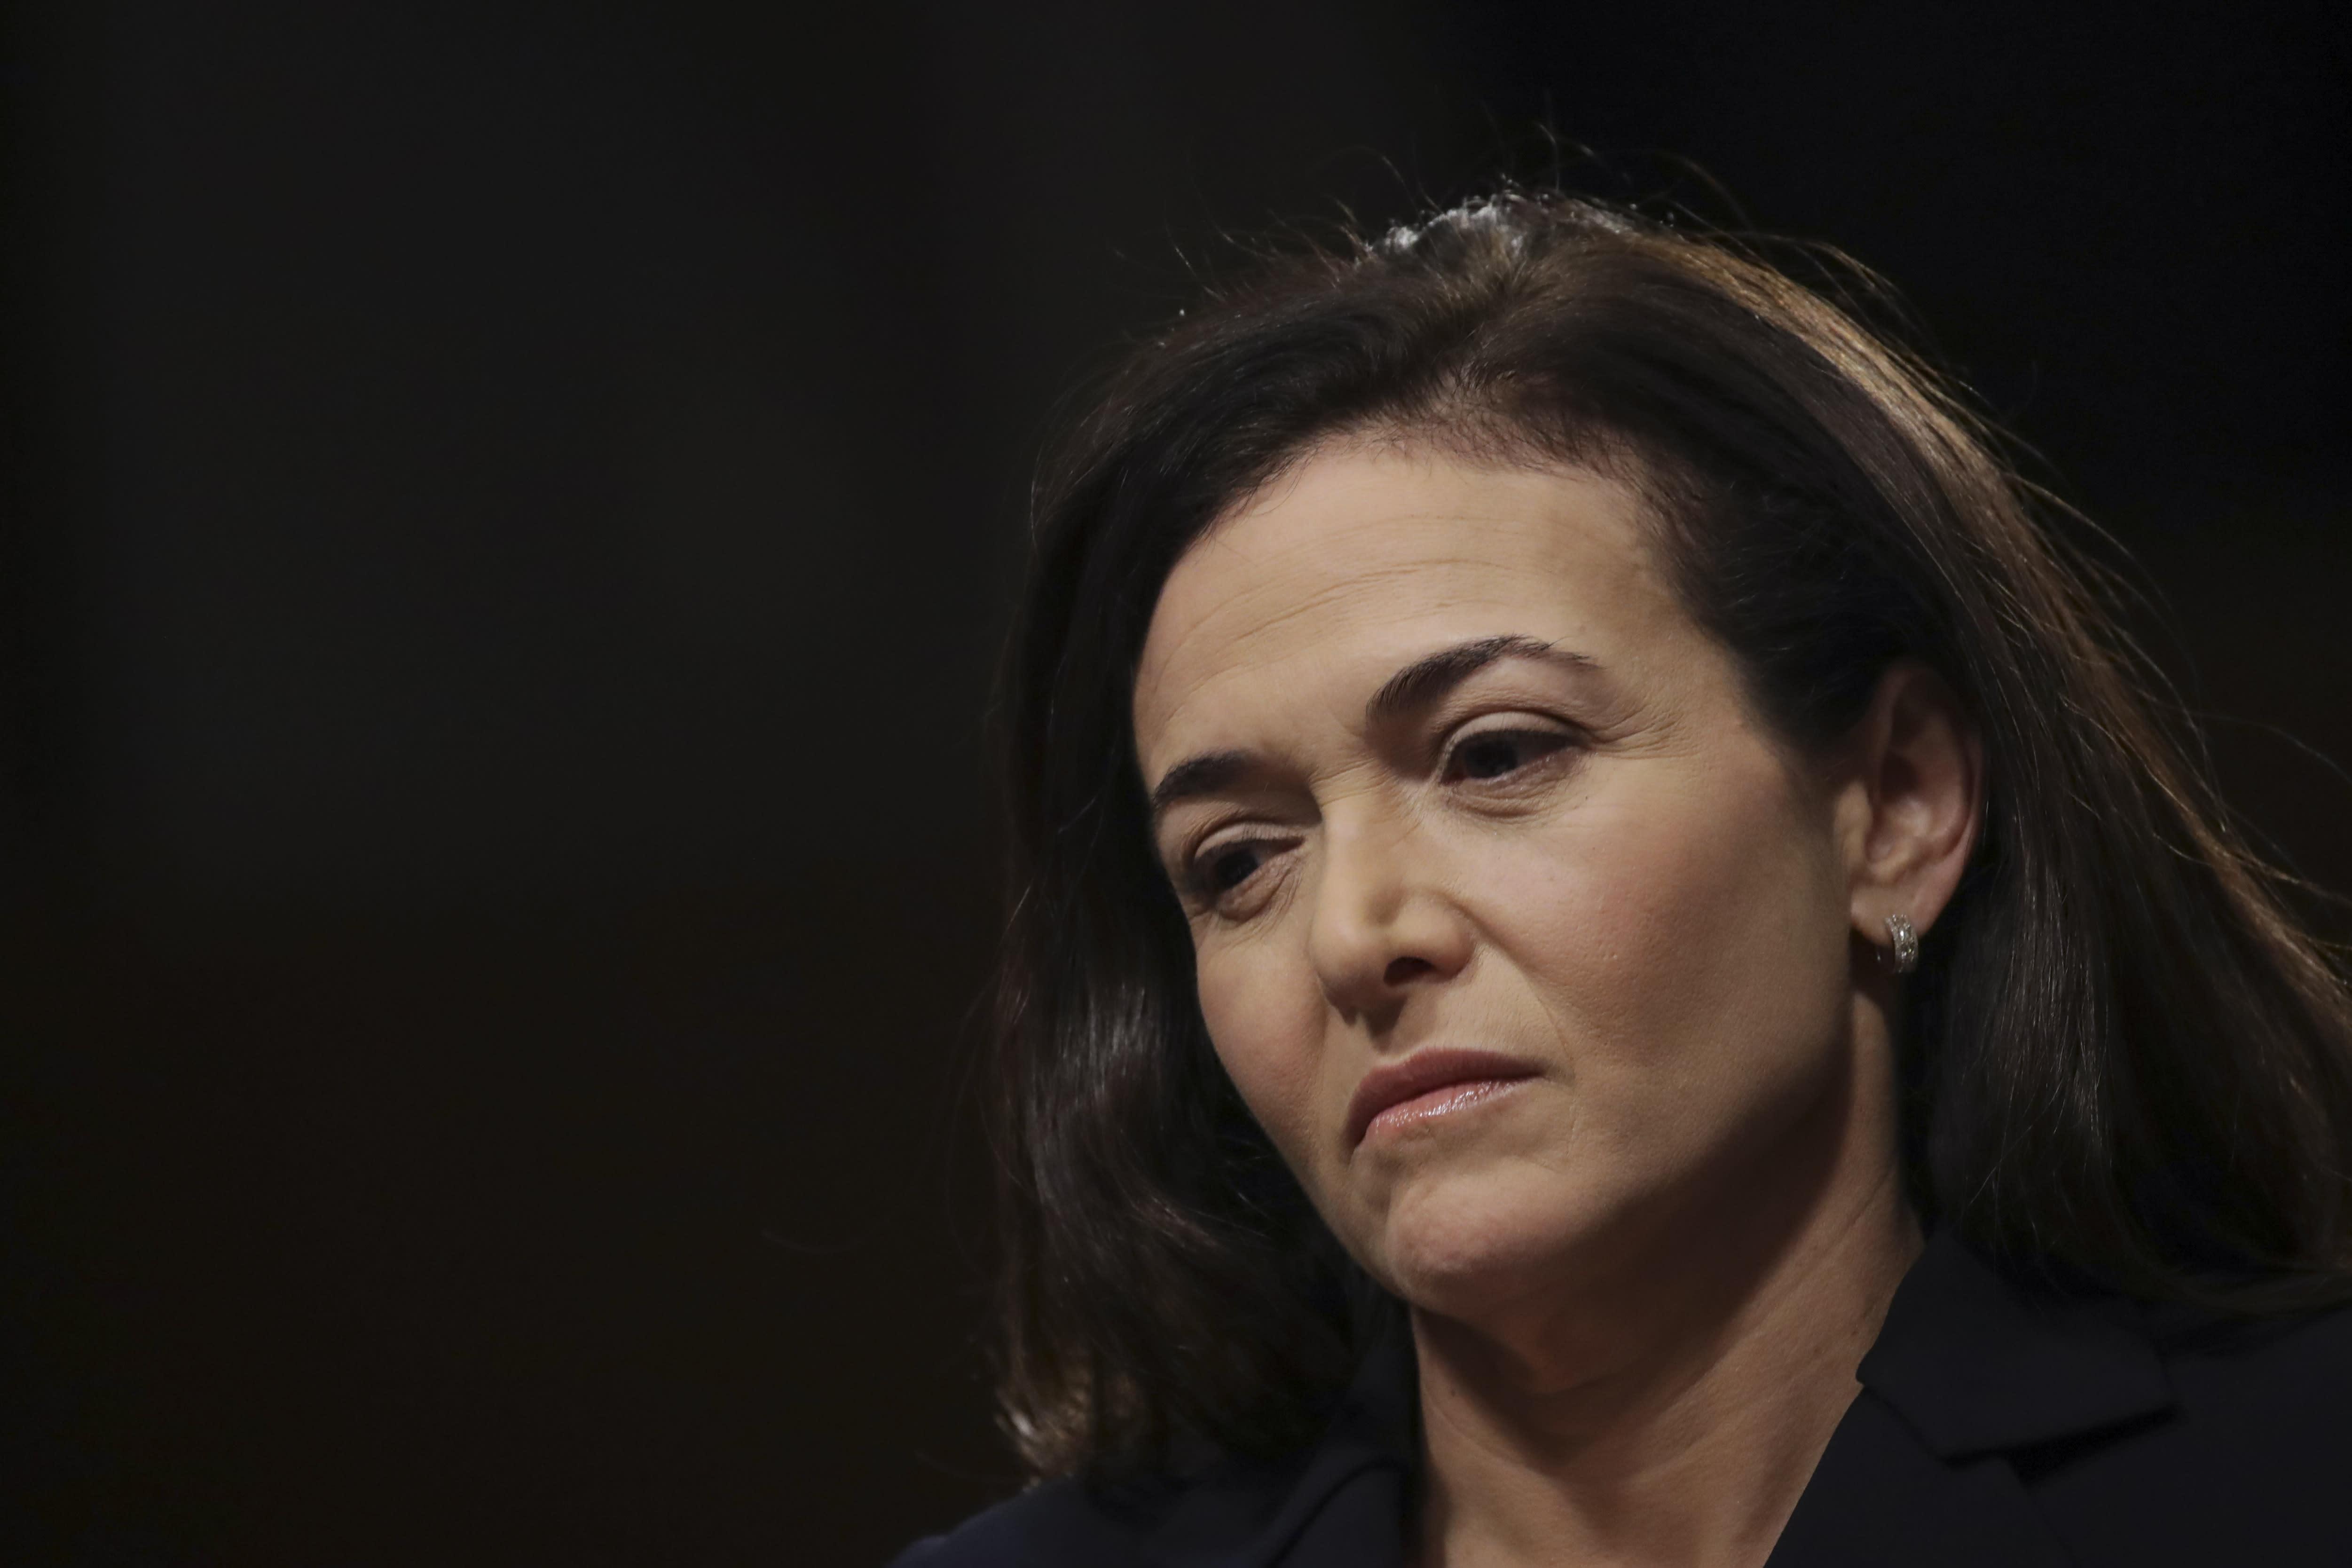 Sheryl Sandberg declines to endorse Elizabeth Warren for president, but hints at support